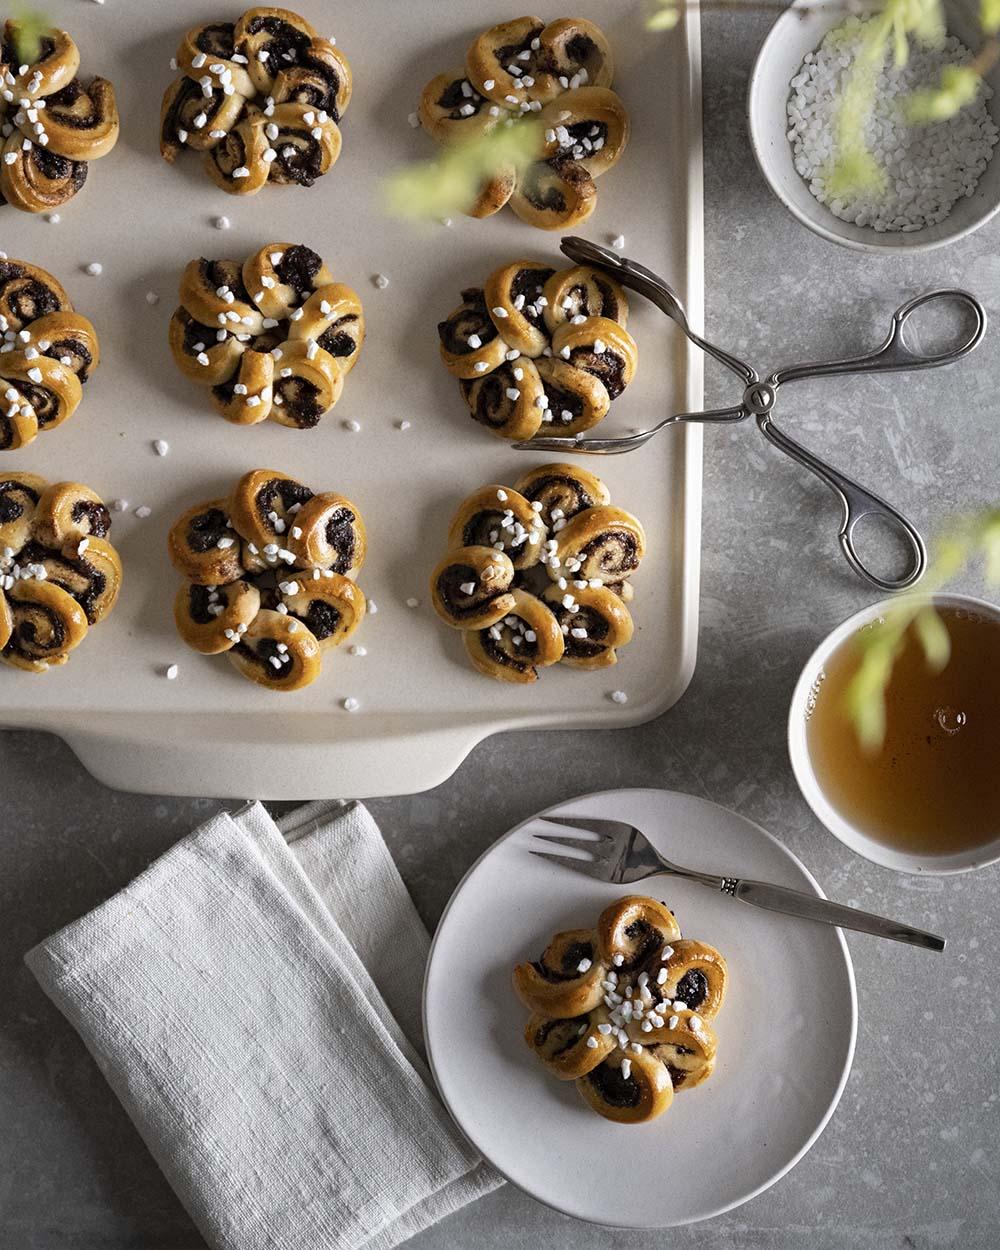 Unsere Zimtblumen, angerichtet auf einem Kaffeetisch. Wir haben sie aus dem gleichen Teig gebacken wie unseren Hefezopf.